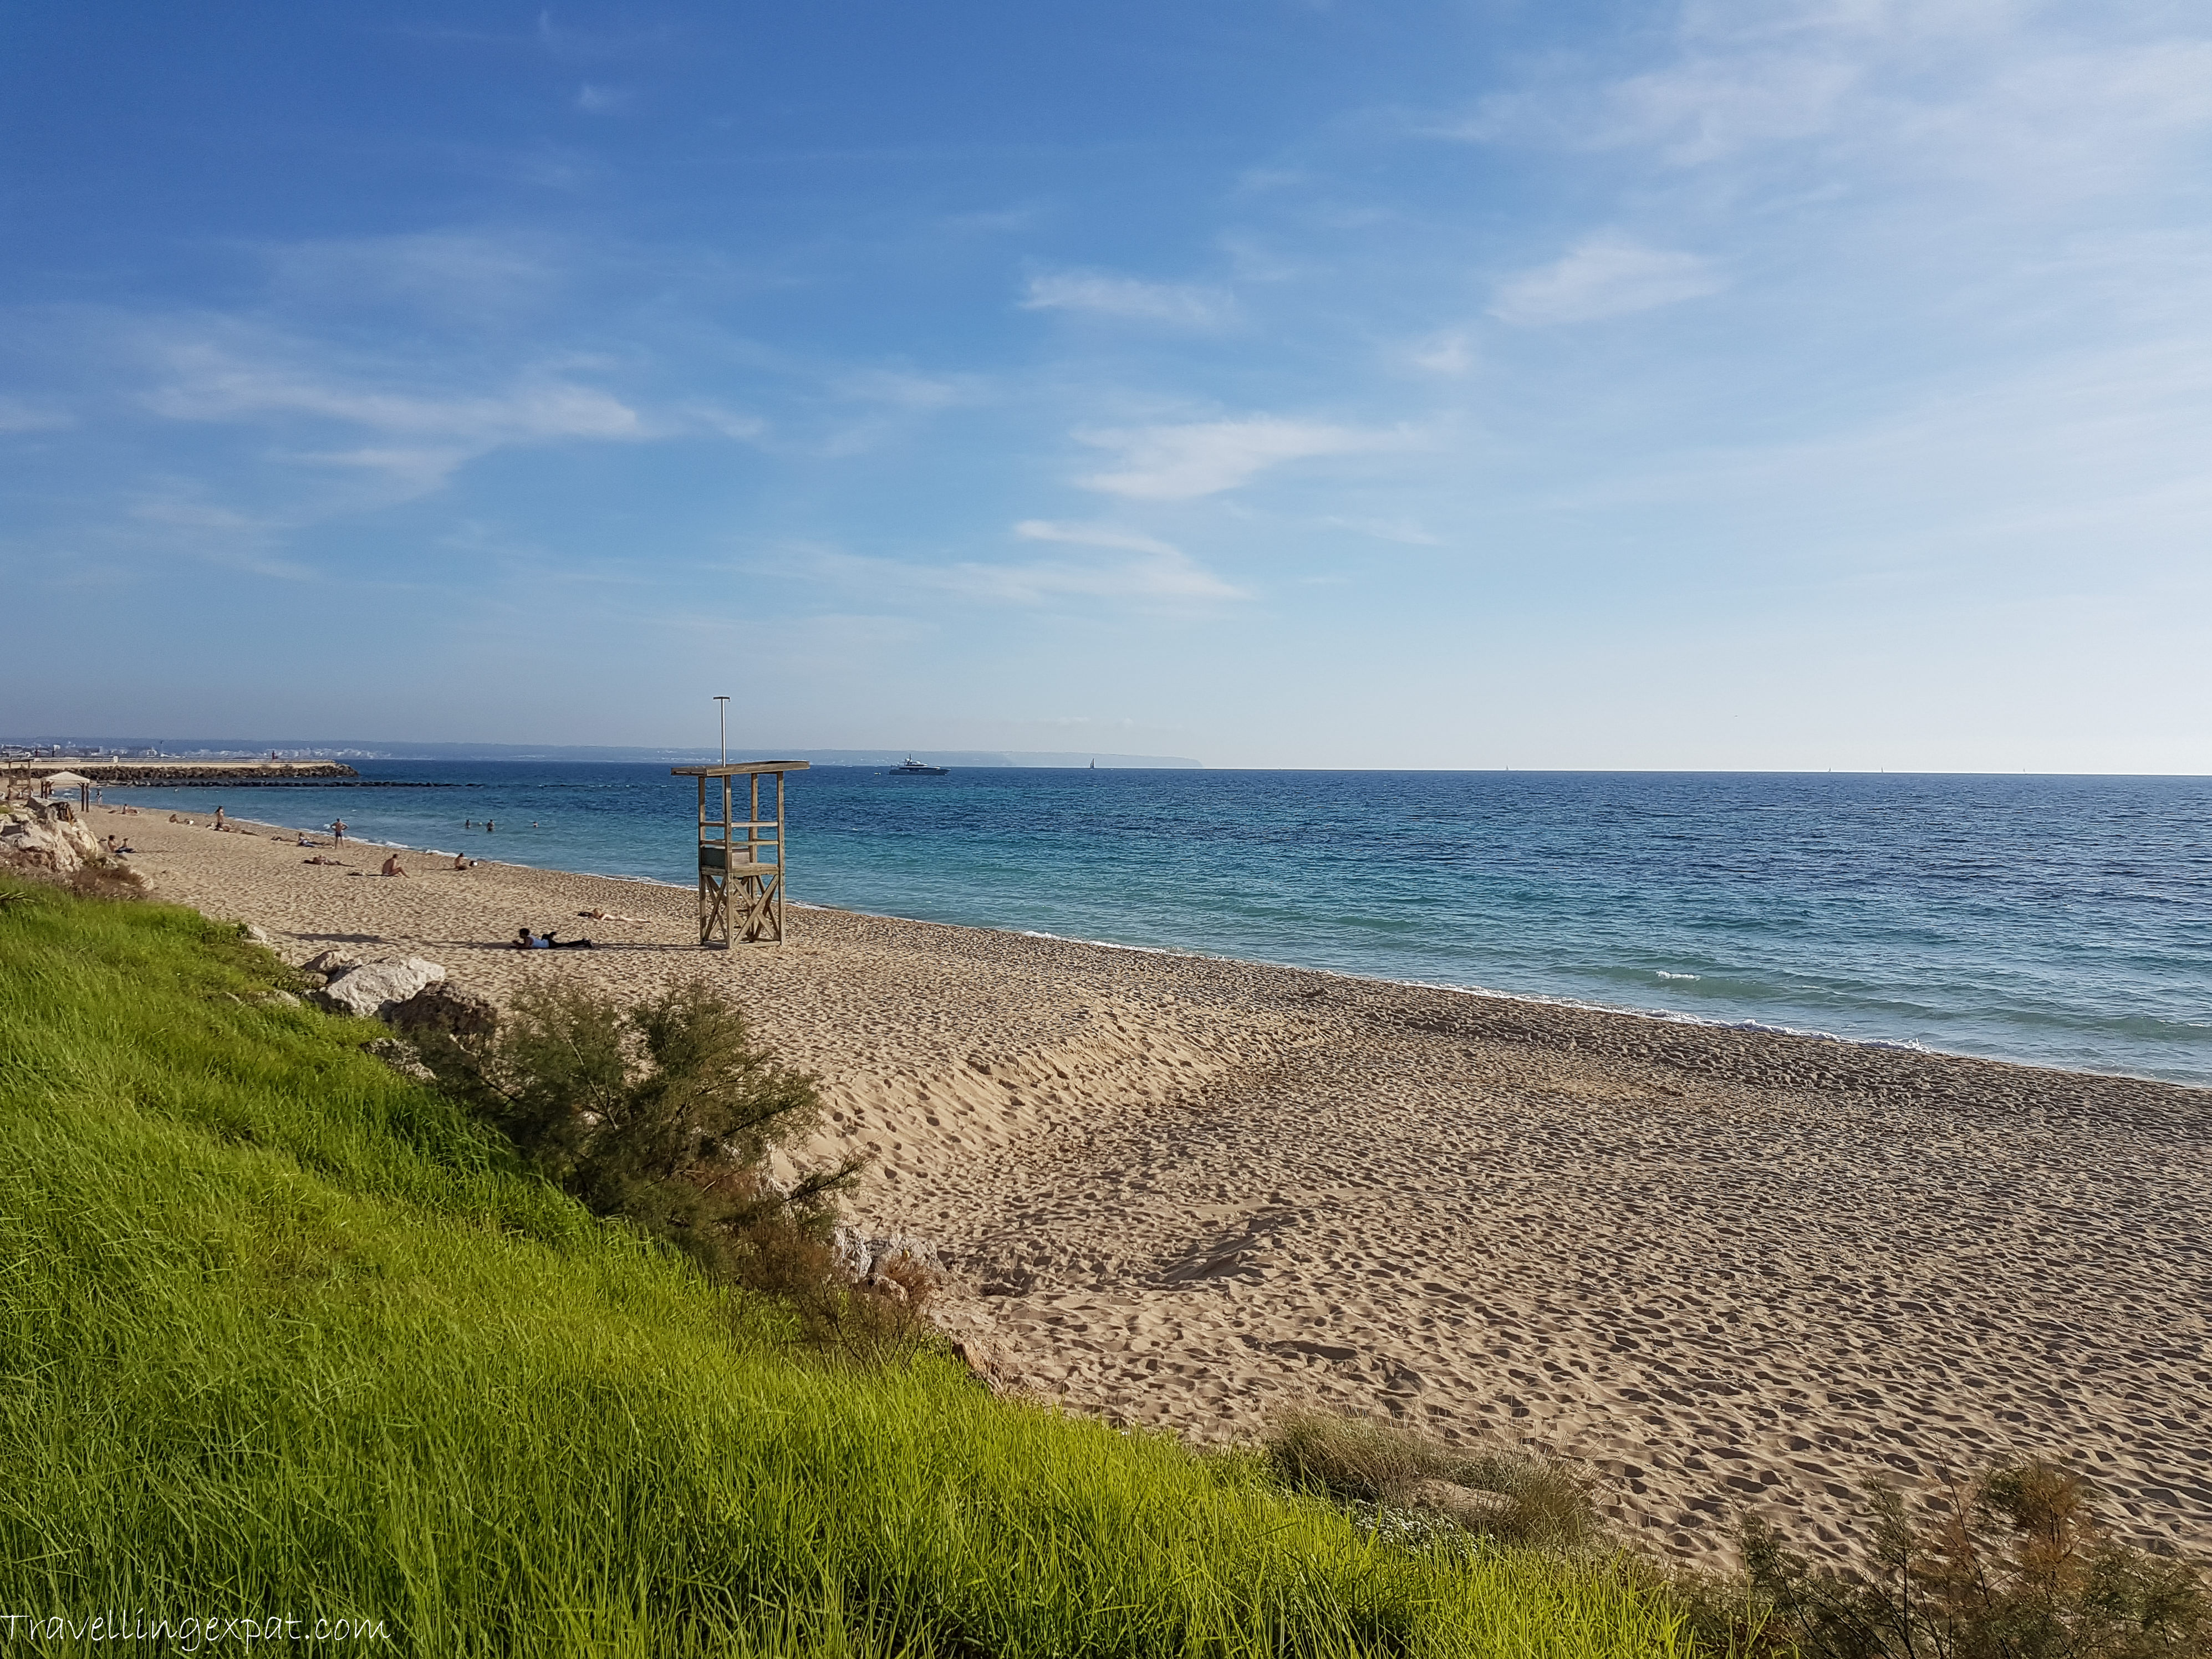 Spiaggia di Palma di Maiorca